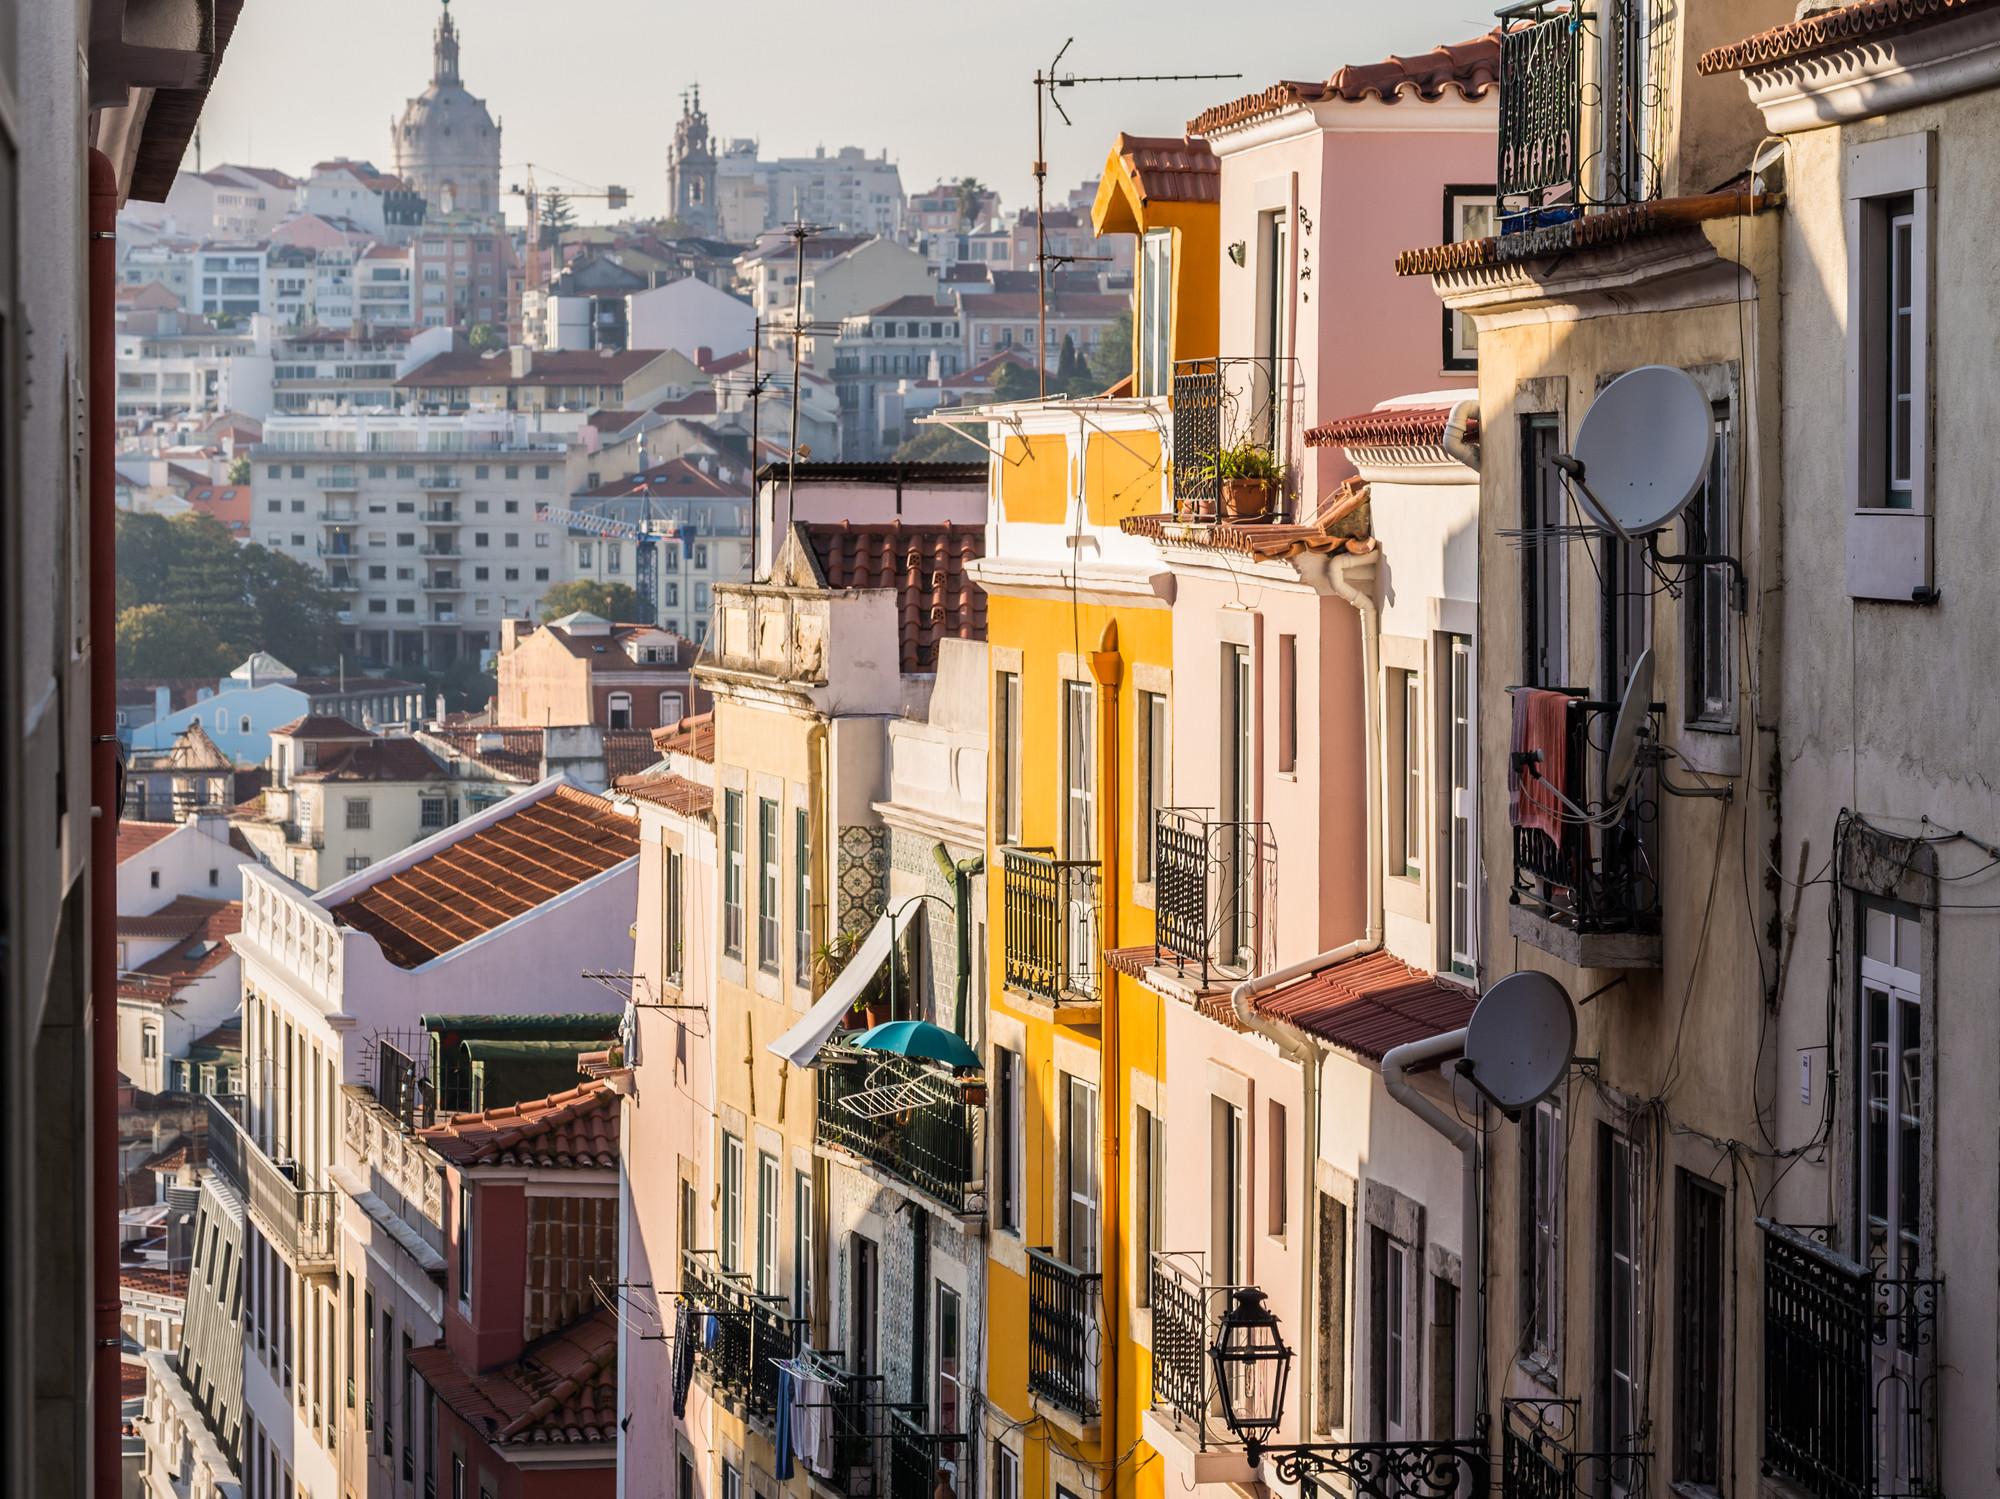 Pedida fiscalização da lei do direito de preferência dos inquilinos